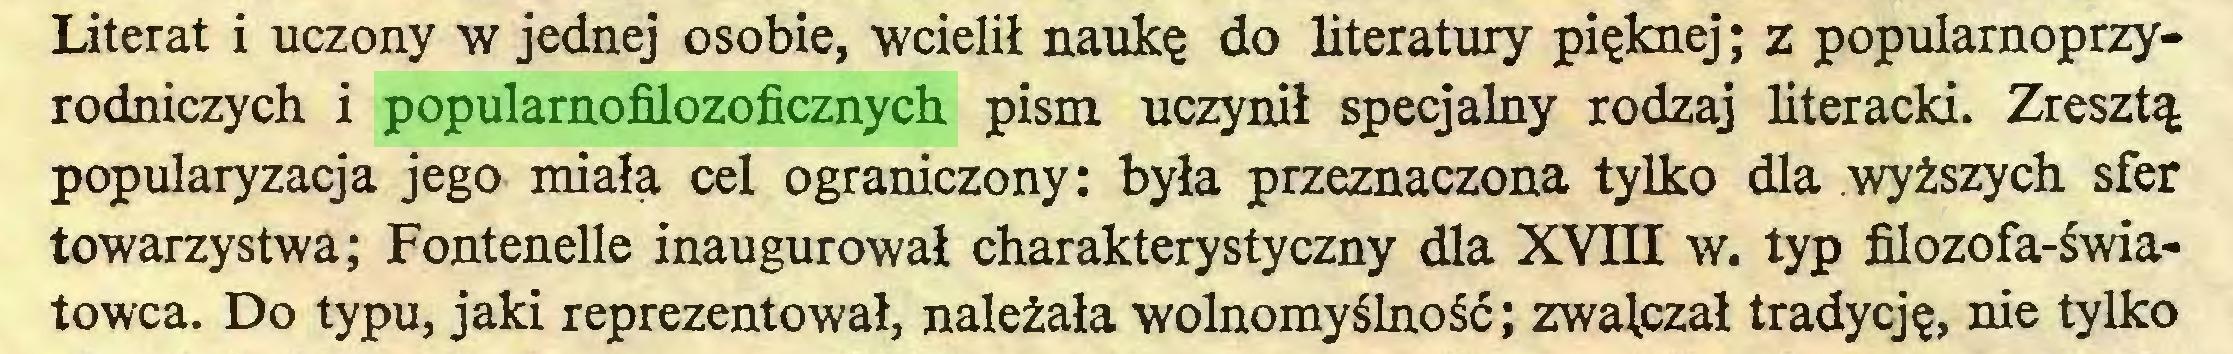 (...) Literat i uczony w jednej osobie, wcielił naukę do literatury pięknej; z popularnoprzyrodniczych i popularnofilozoficznych pism uczynił specjalny rodzaj literacki. Zresztą popularyzacja jego miała cel ograniczony: była przeznaczona tylko dla wyższych sfer towarzystwa; Fontenelle inaugurował charakterystyczny dla XVIII w. typ filozofa-światowca. Do typu, jaki reprezentował, należała wolnomyślność; zwalczał tradycję, nie tylko...